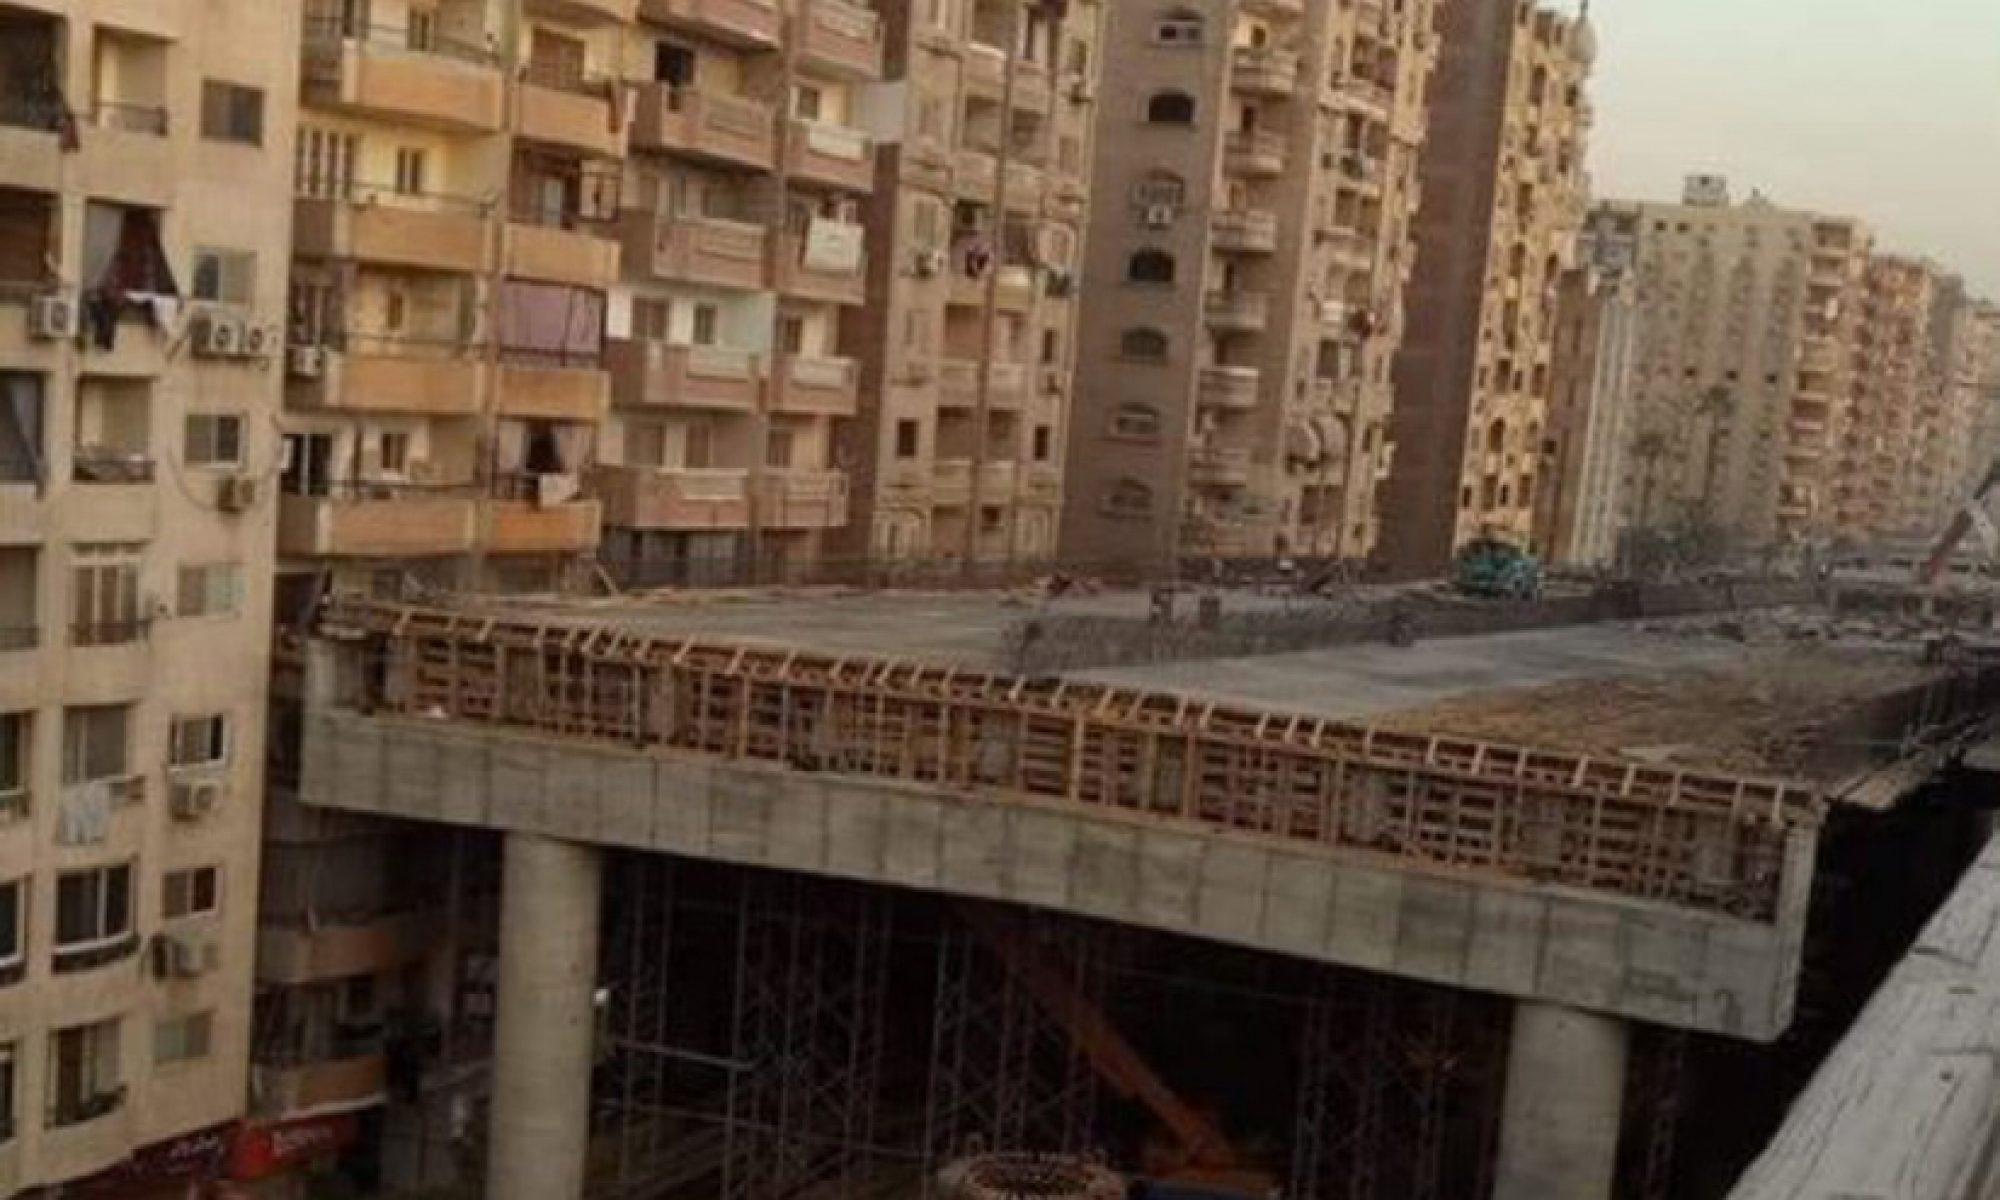 Mısırda evlere bitişik yapılan köprü sosyal medyada gündem oldu